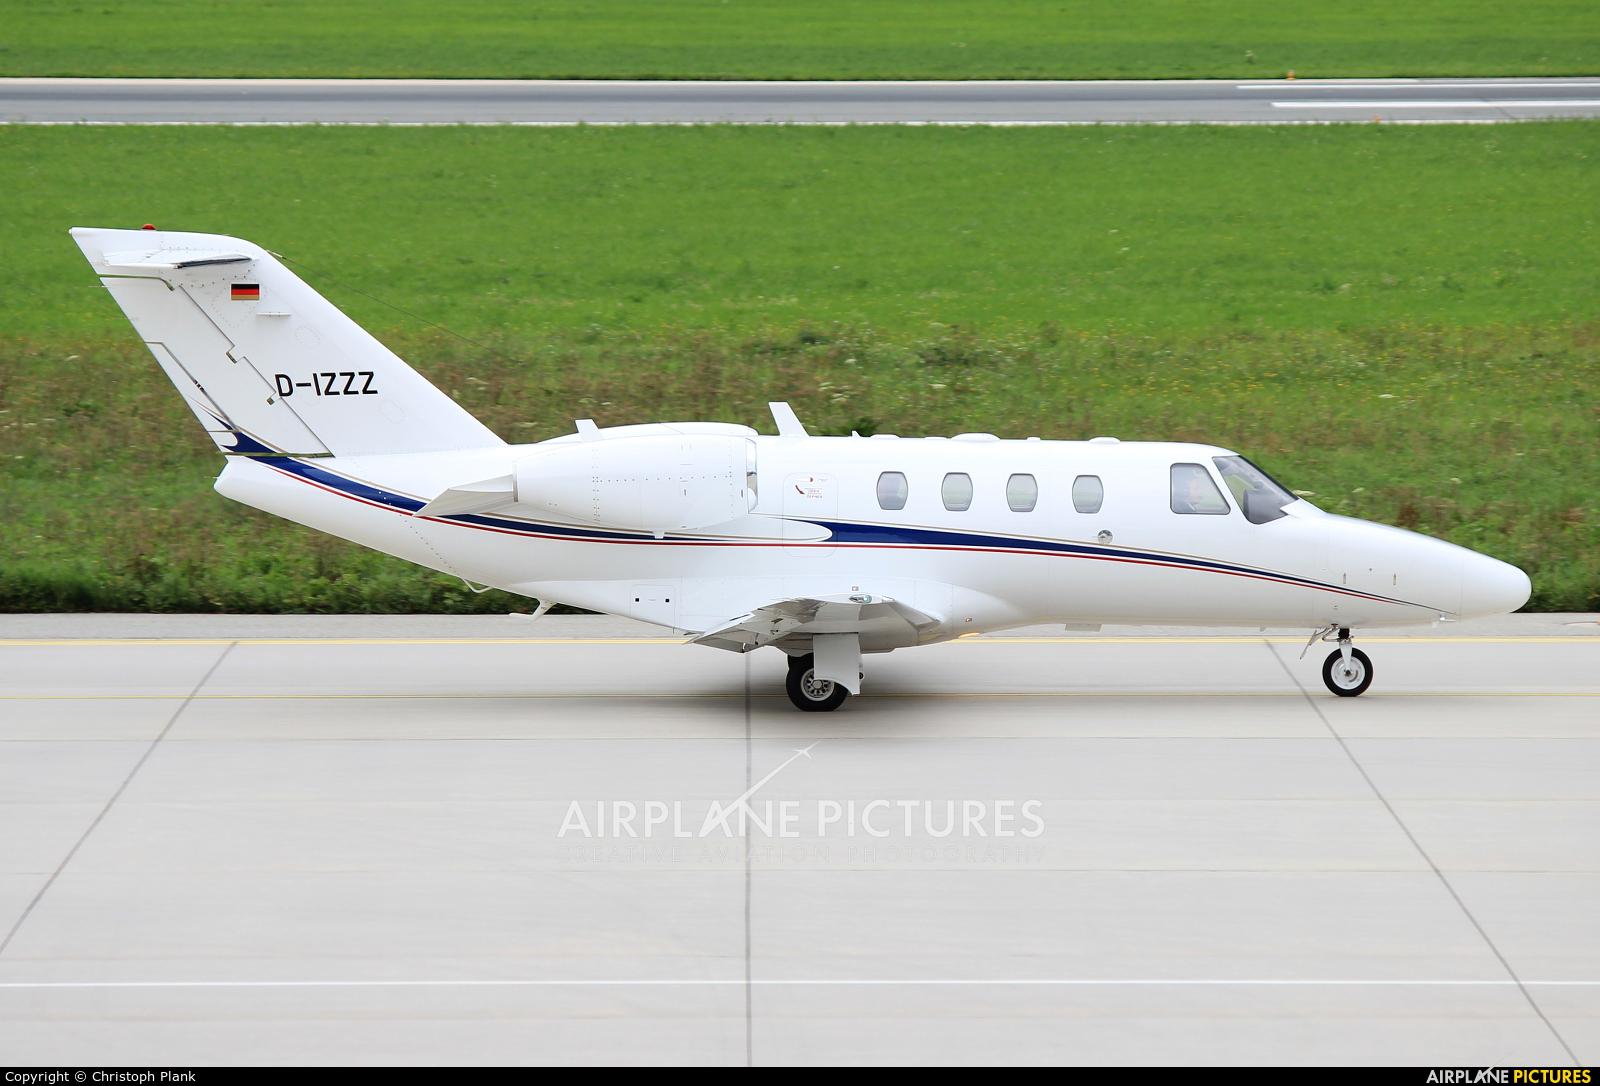 Nordwest Air Service D-IZZZ aircraft at Innsbruck